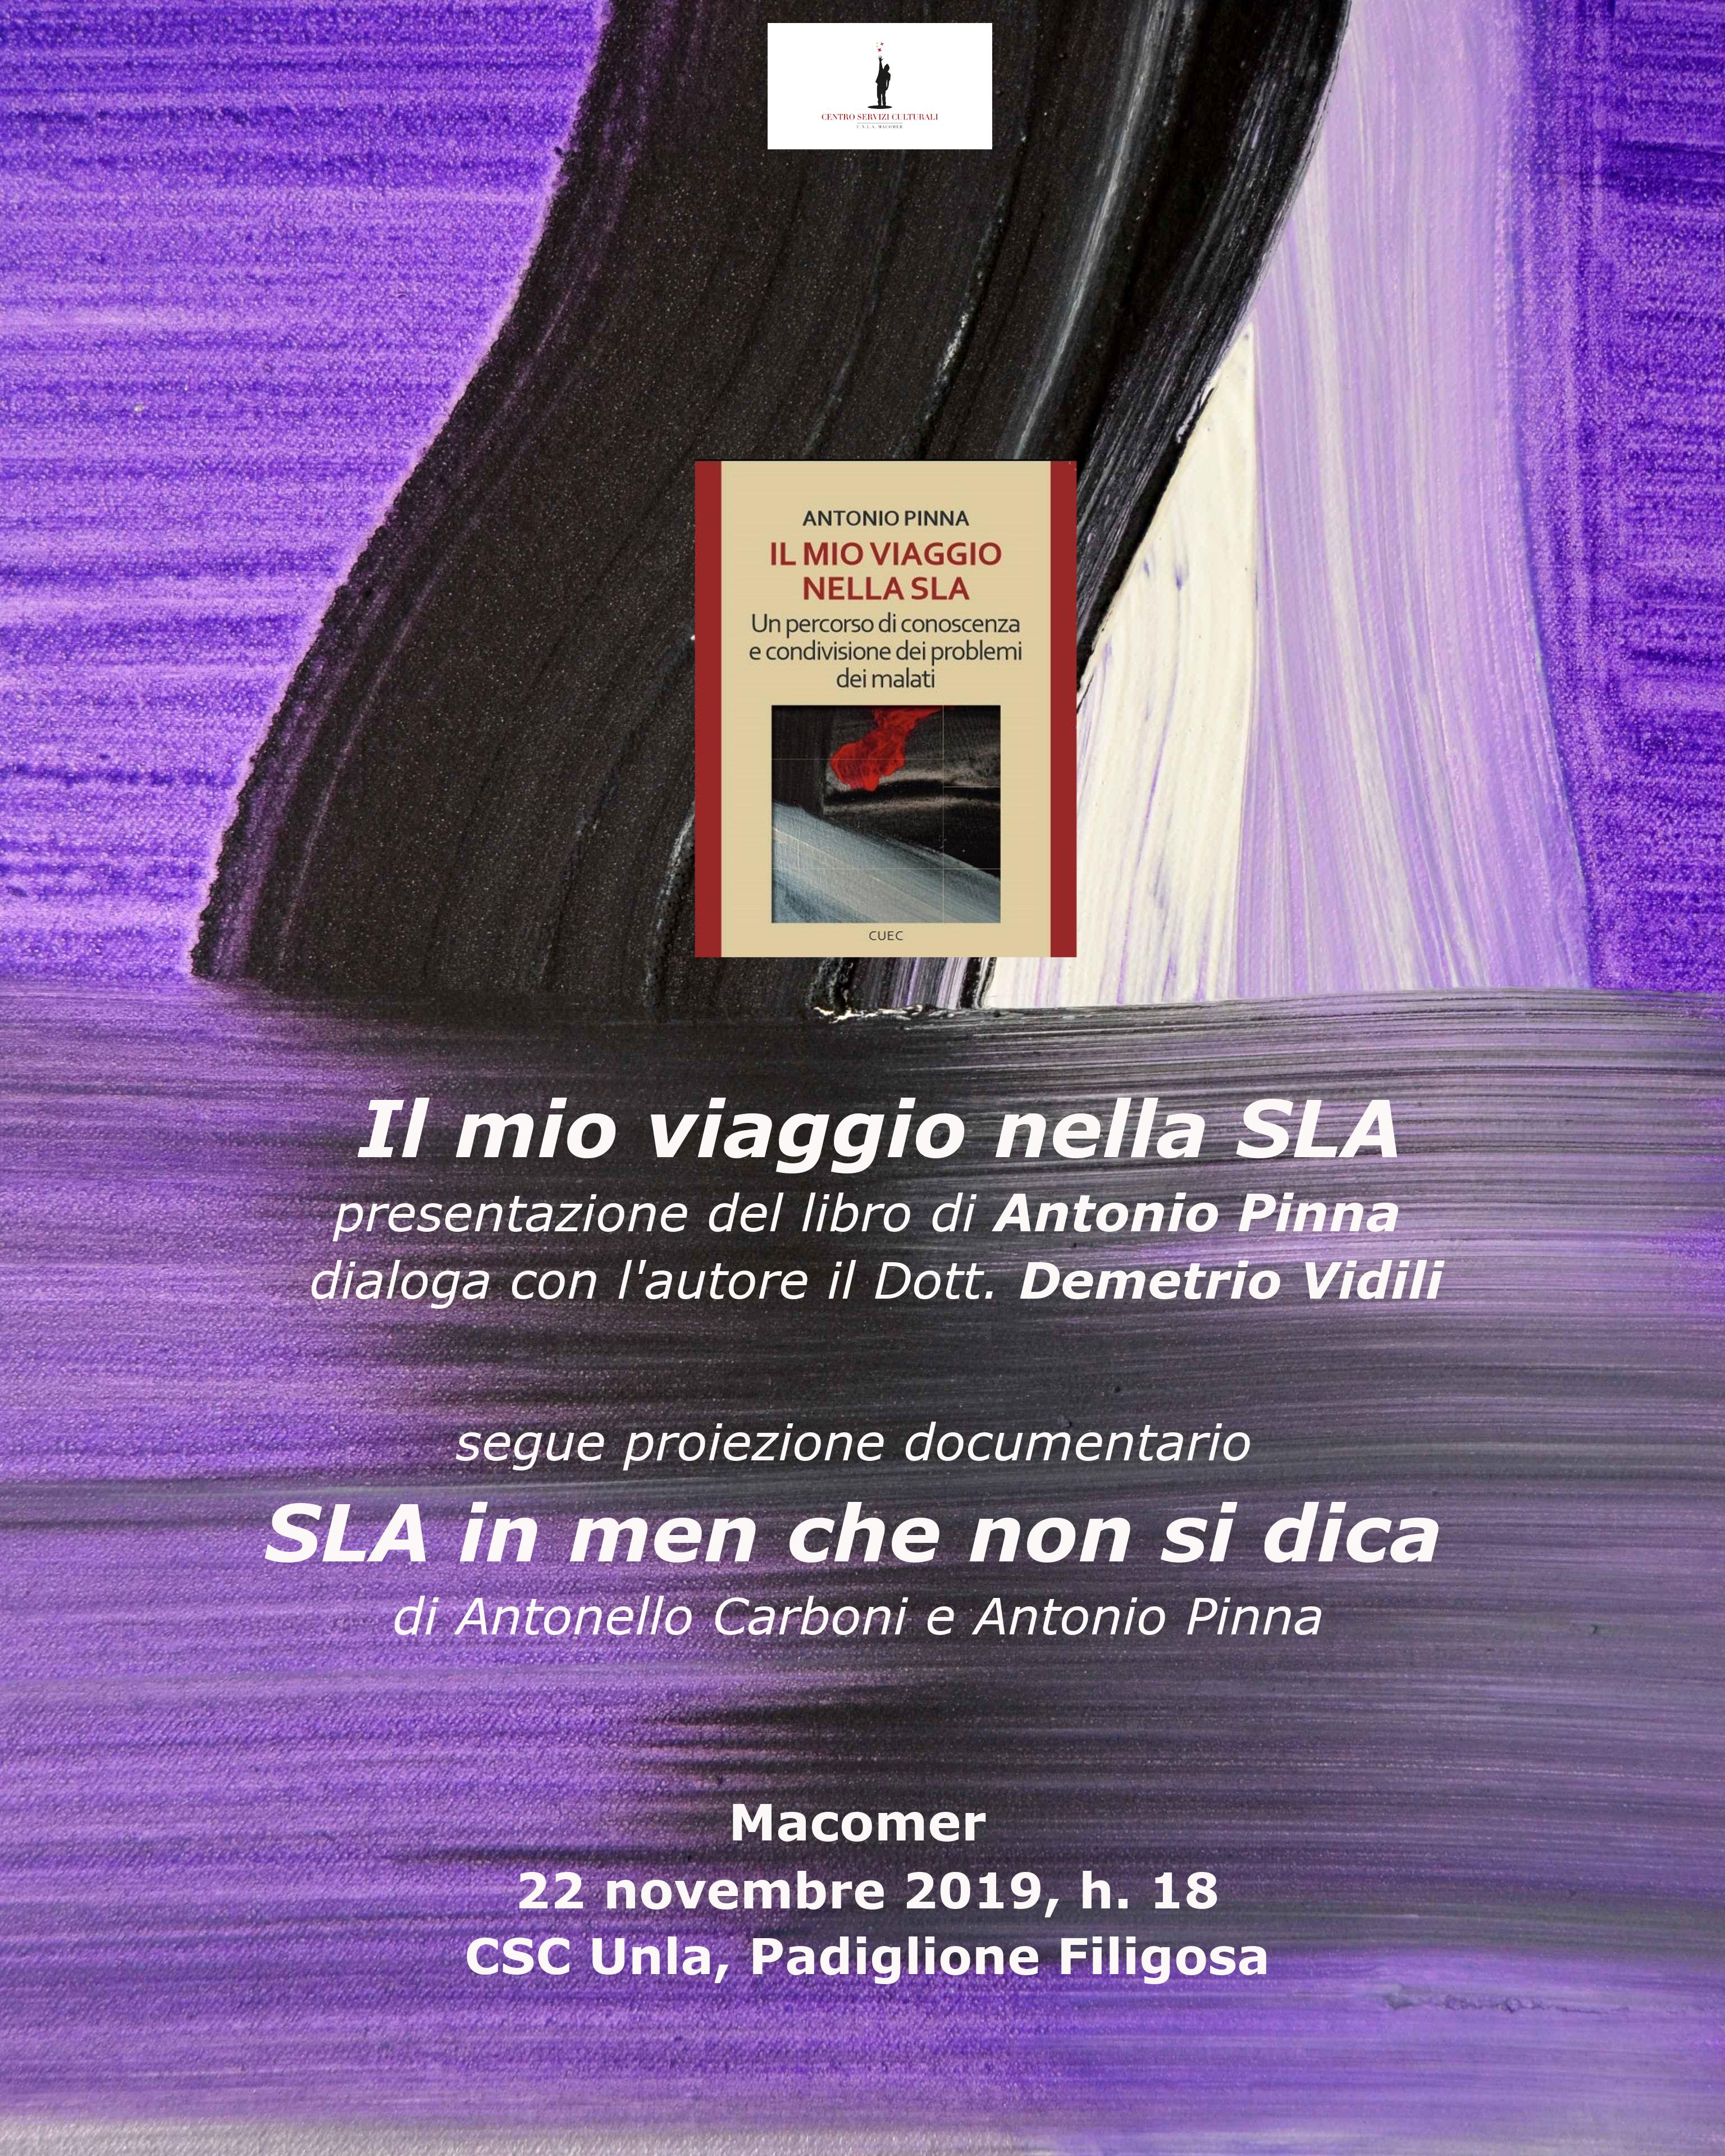 """Presentazione """"Il mio viaggio nella SLA"""" di Antonio Pinna e documentario """"SLA in men che non si dica""""di Antonello Carboni. 22 Novembre ore 18"""